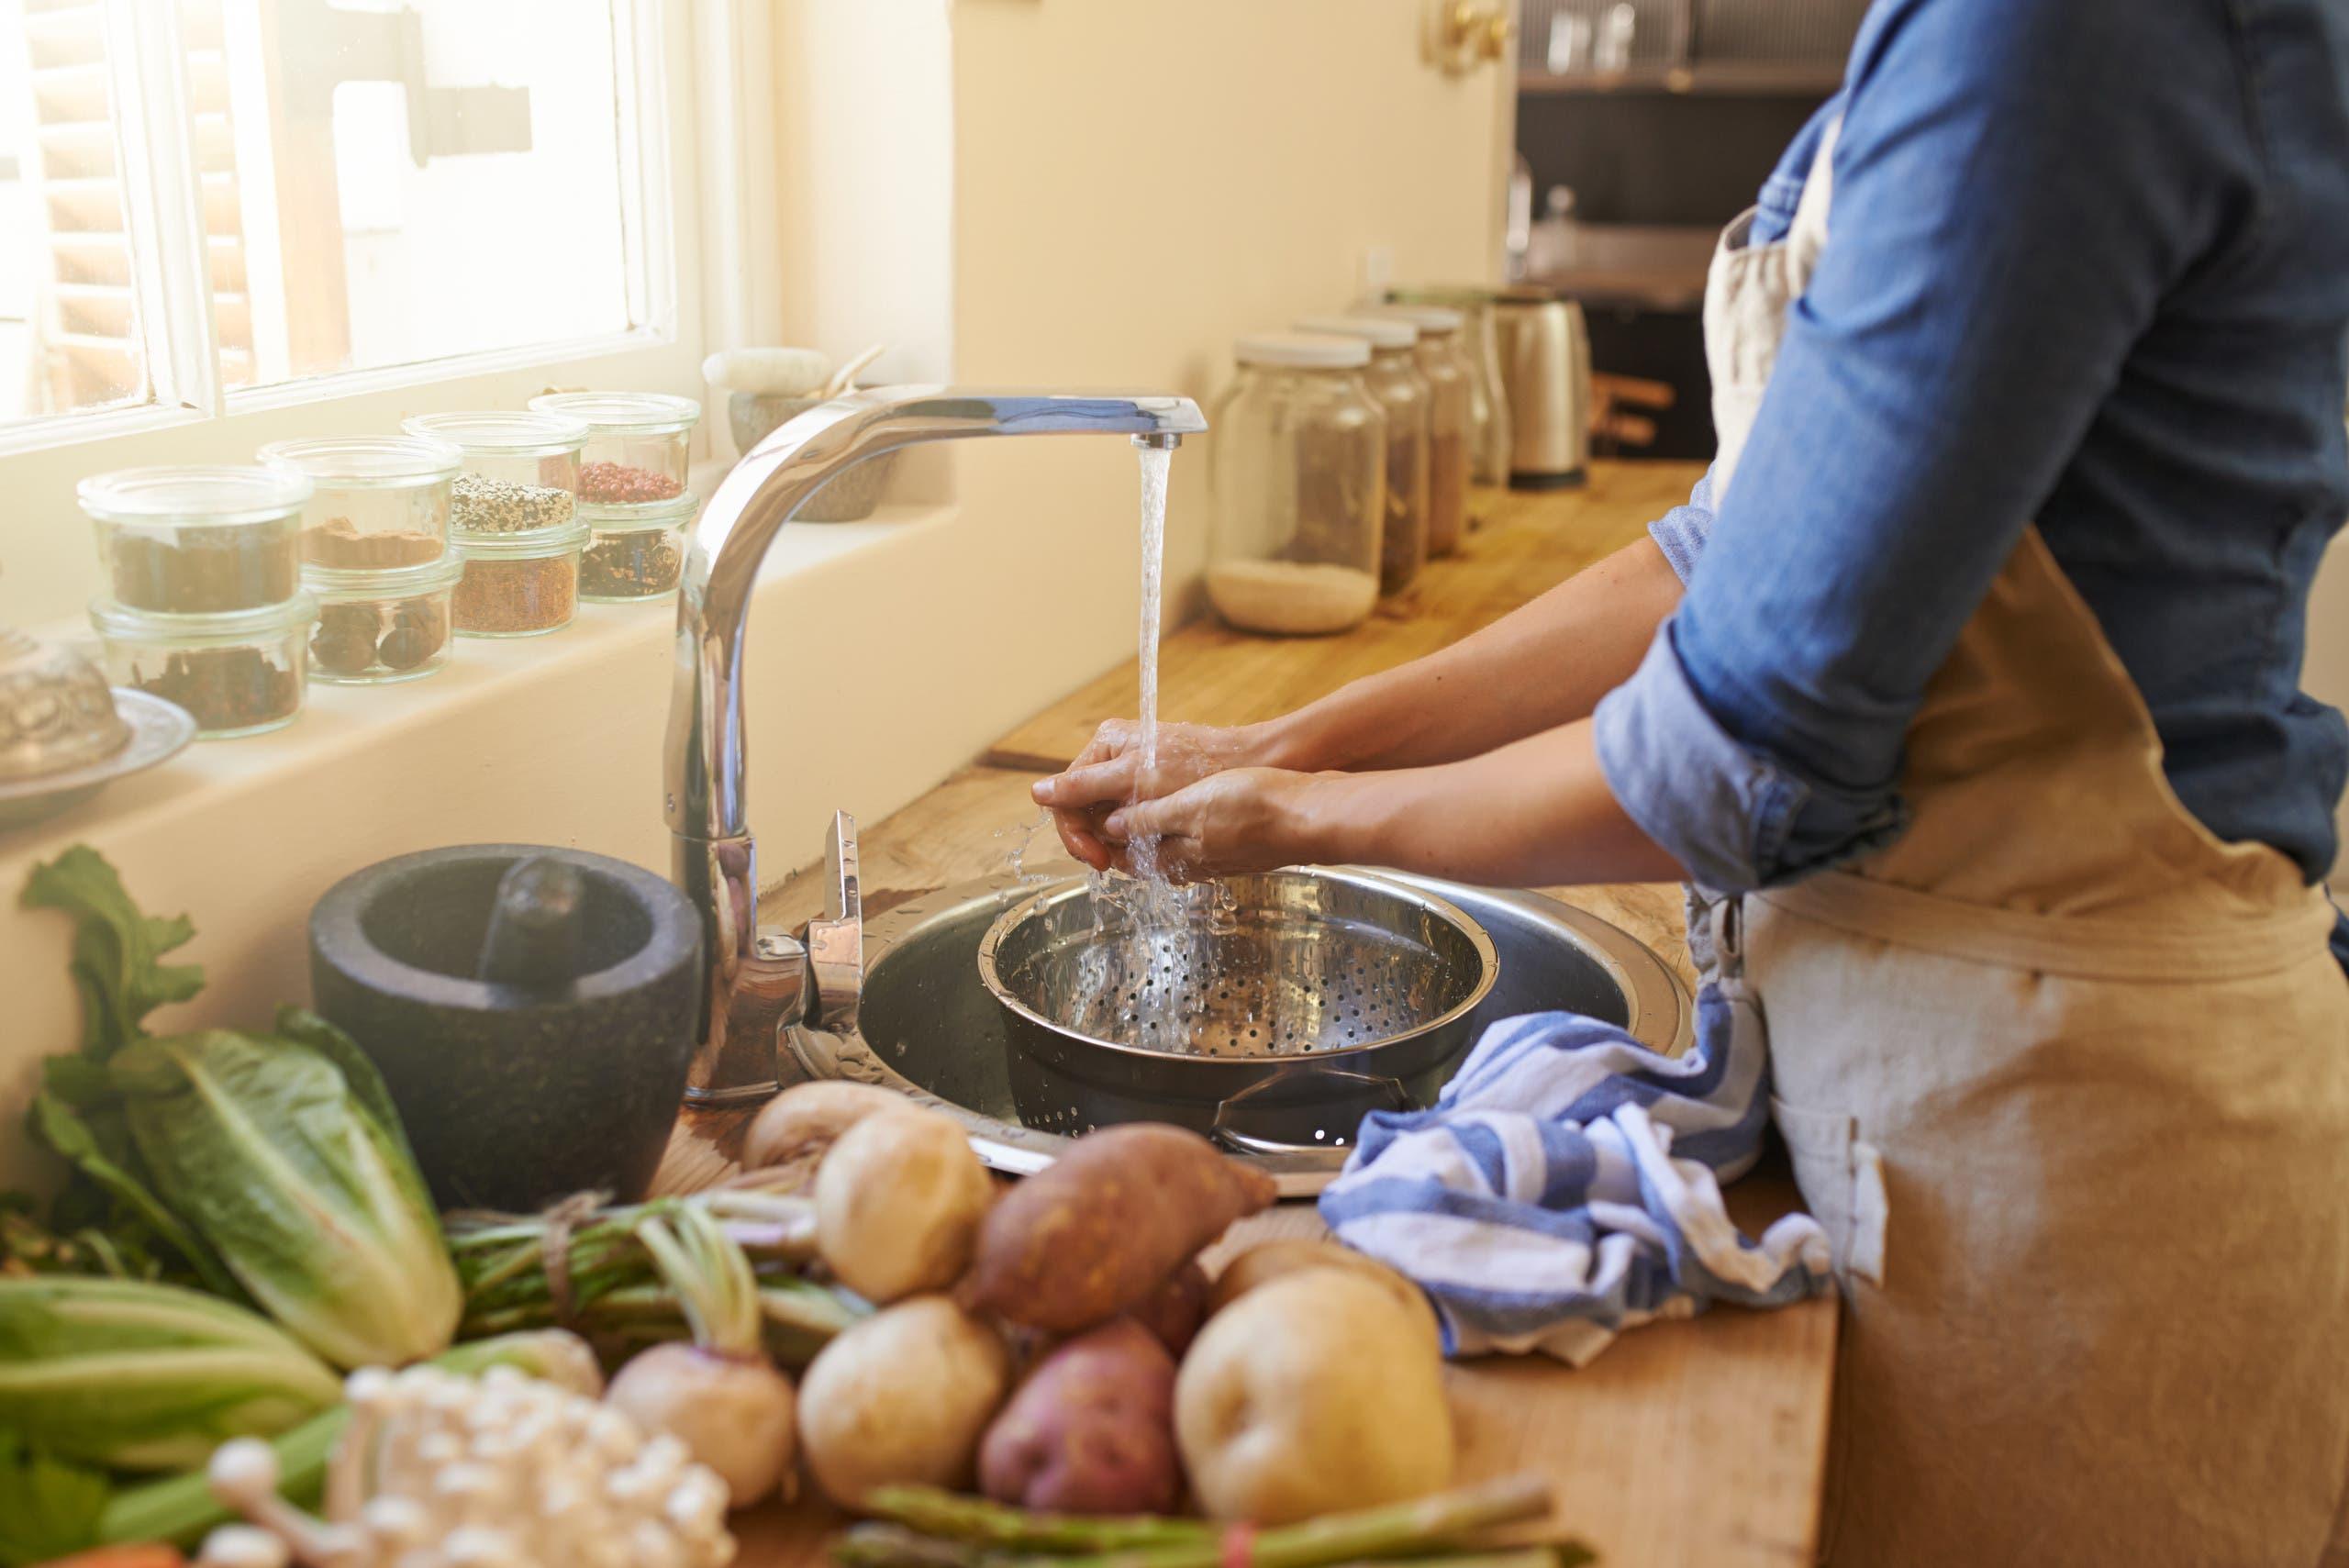 تعبيرية عن الأعمال المنزلية